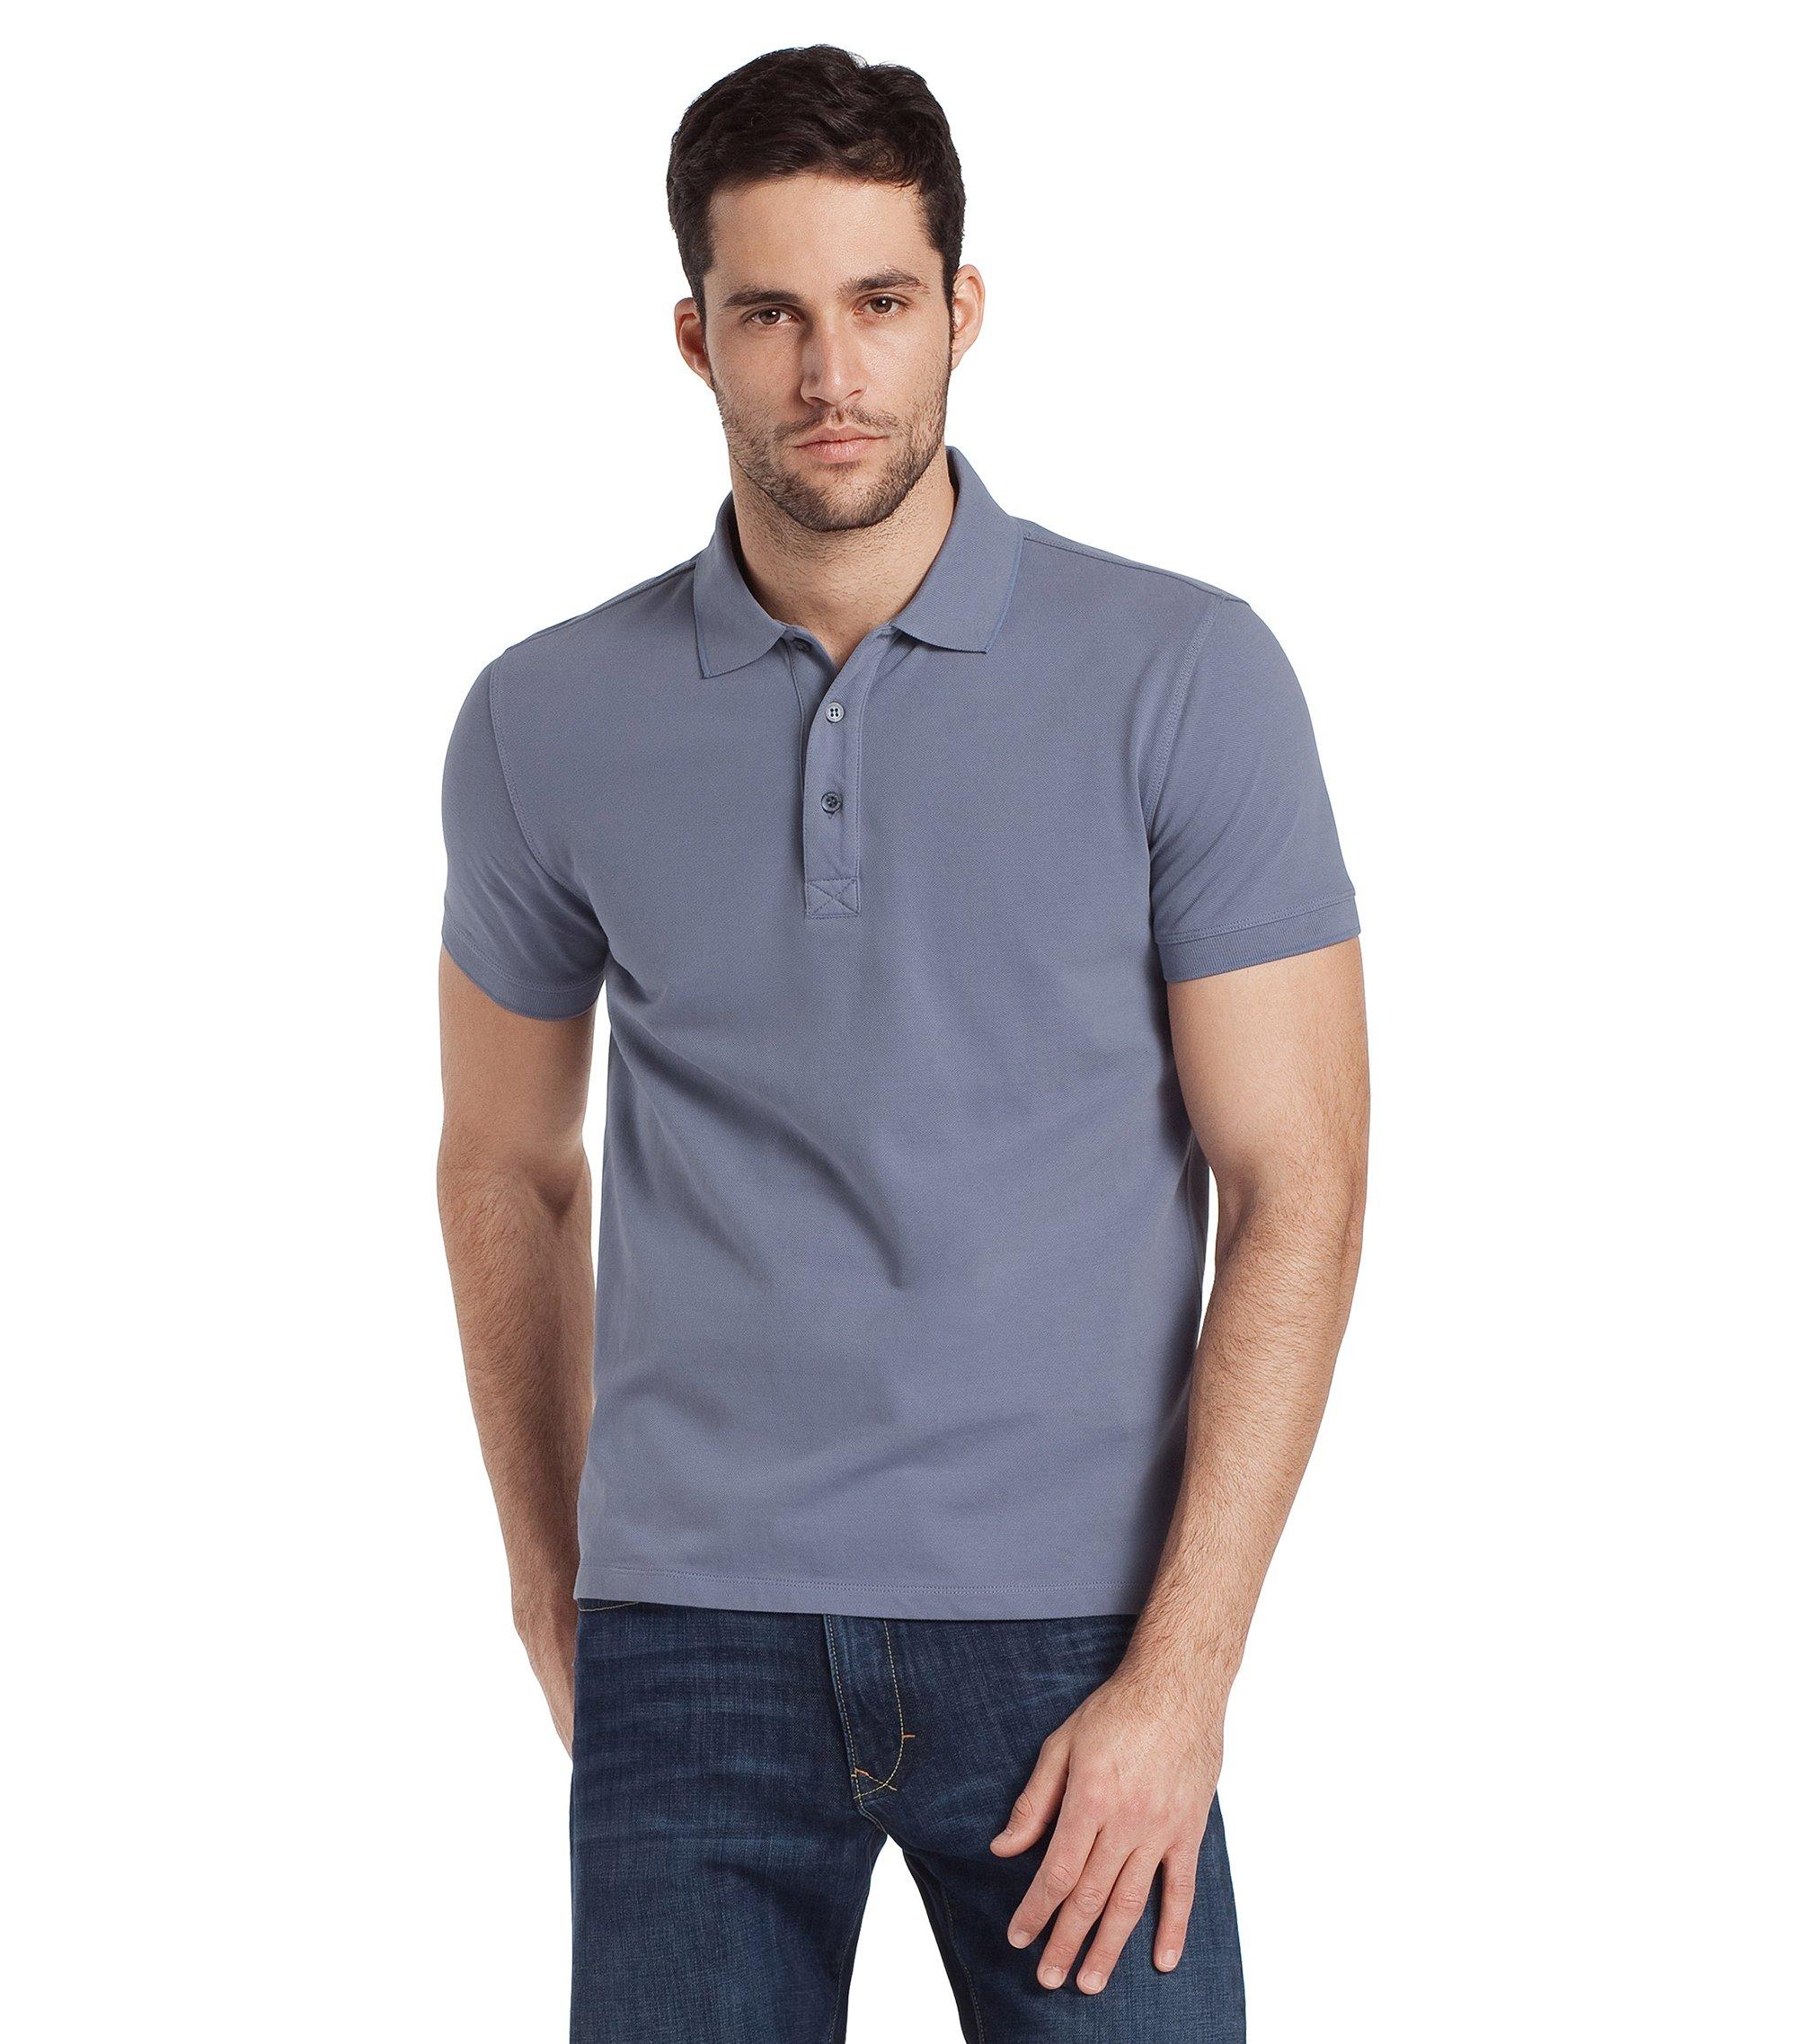 Poloshirt ´Forli` aus Baumwoll-Stretch, Hellgrau